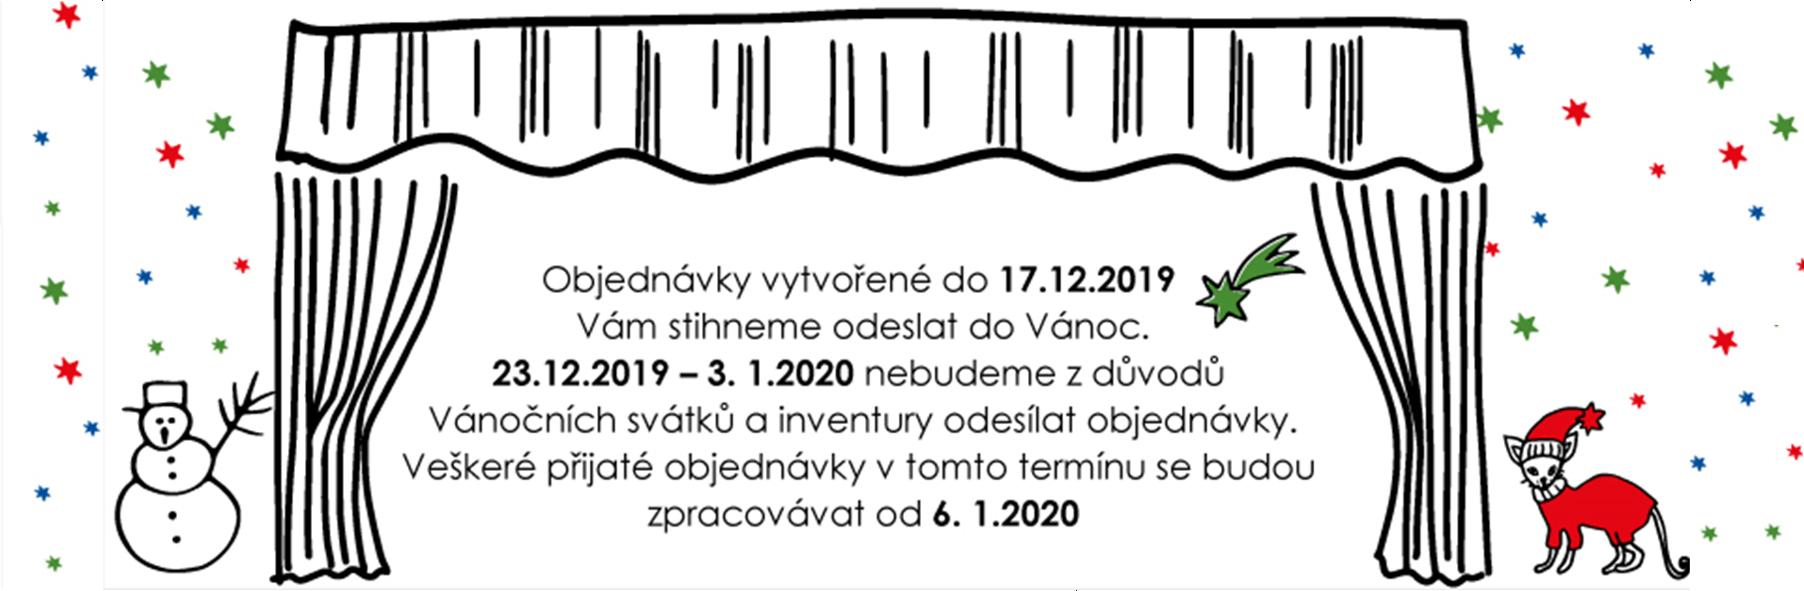 Kalendář_vánoce